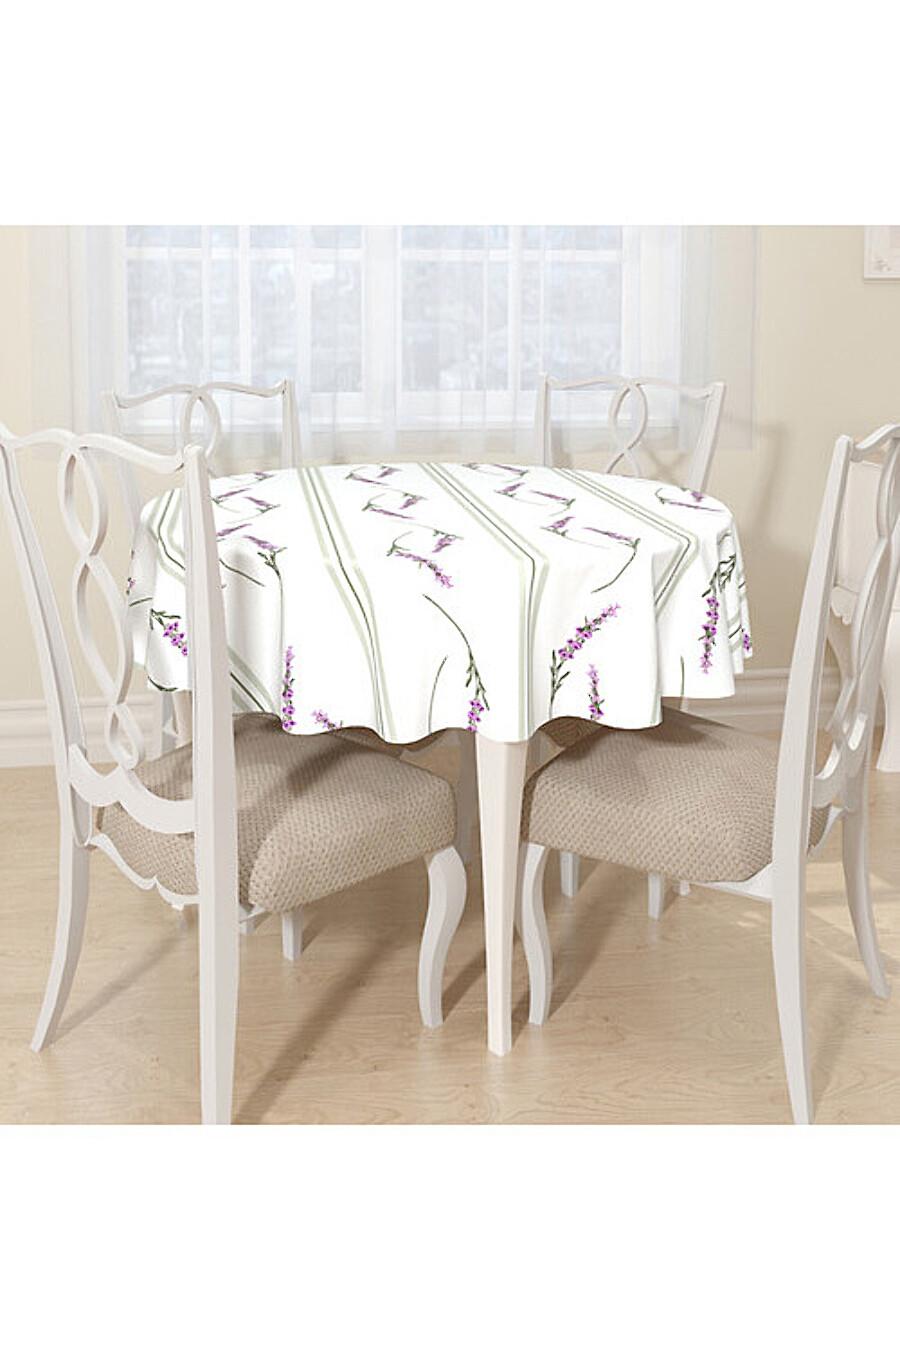 Скатерть для дома ART HOME TEXTILE 180356 купить оптом от производителя. Совместная покупка товаров для дома в OptMoyo